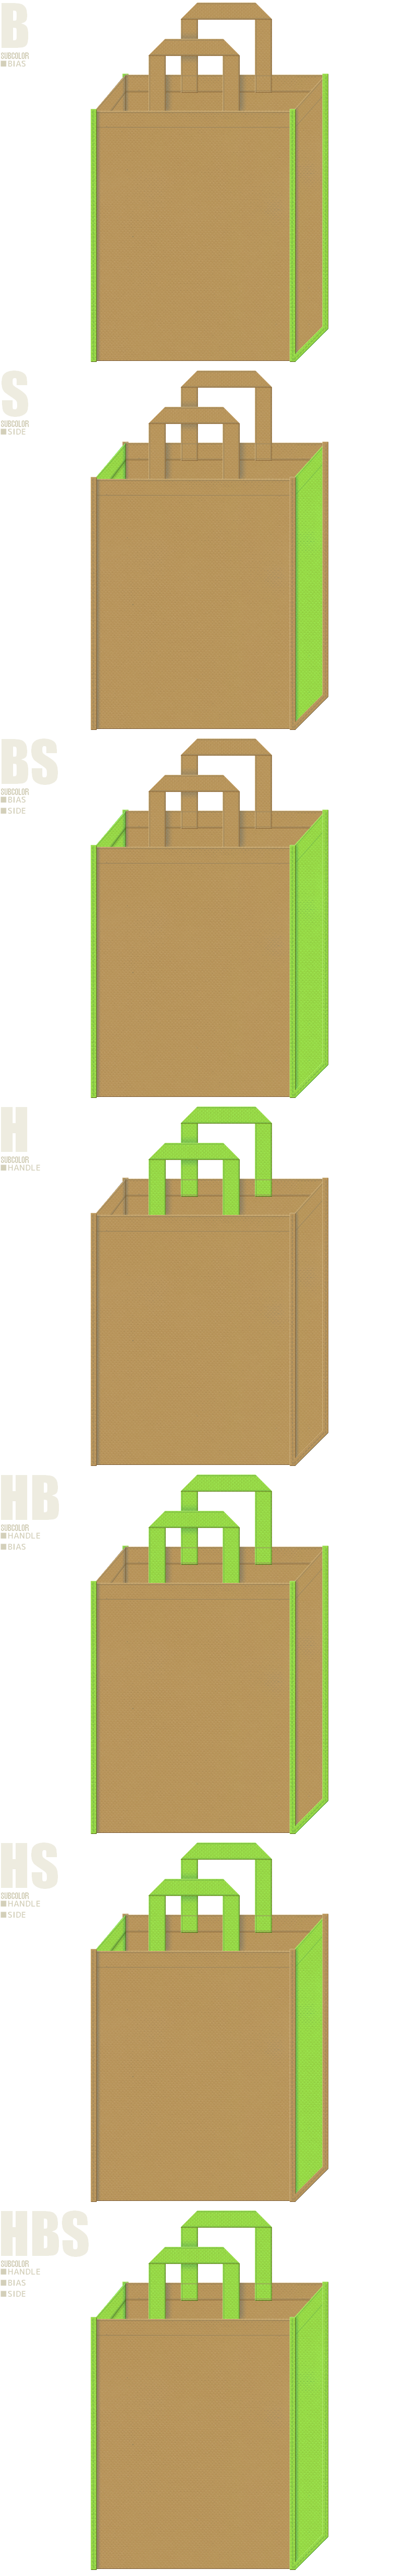 金色系黄土色と黄緑色、7パターンの不織布トートバッグ配色デザイン例。種苗・ガーデニング用品の展示会用バッグにお奨めです。